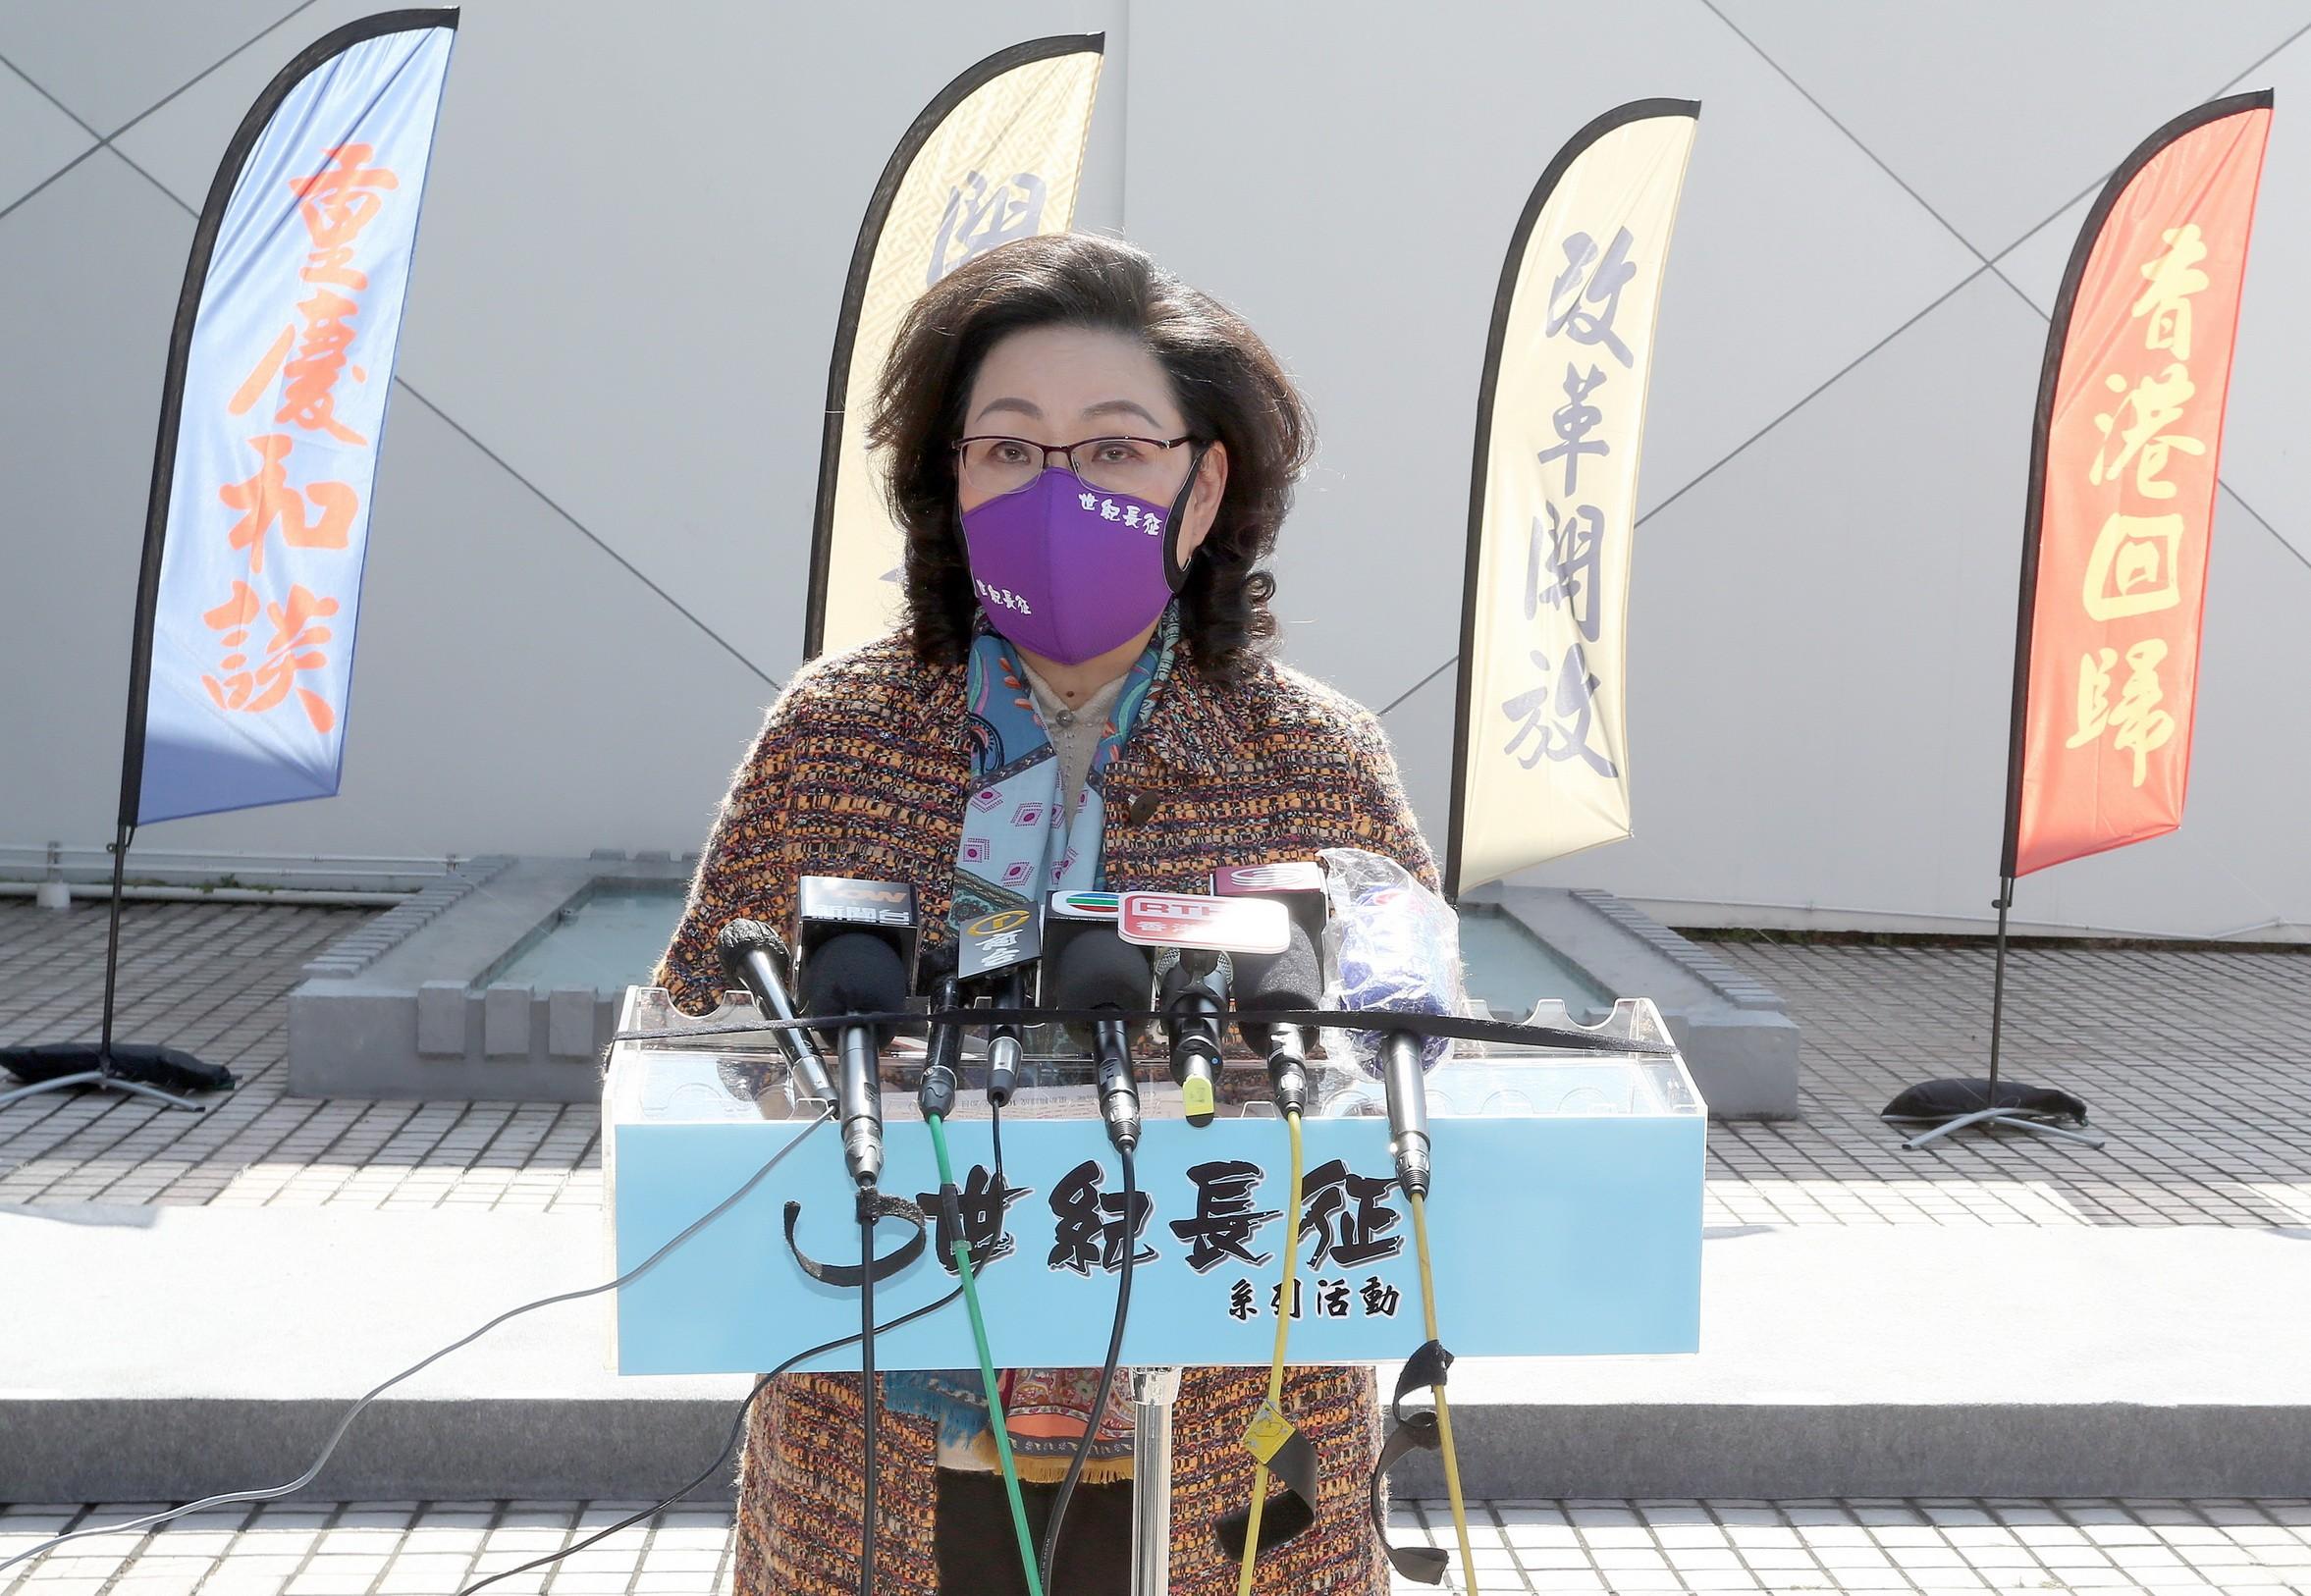 《世紀長征》系列活動籌委會召集人梁唐青儀女士表示,為加深香港青少年對近代中國歷史的認識,《世紀長征》系列活動籌委會,將以中央電視臺攝製的大型紀錄片集《百年中國》為基礎,重新輯錄成100集的節目《世紀長征》。